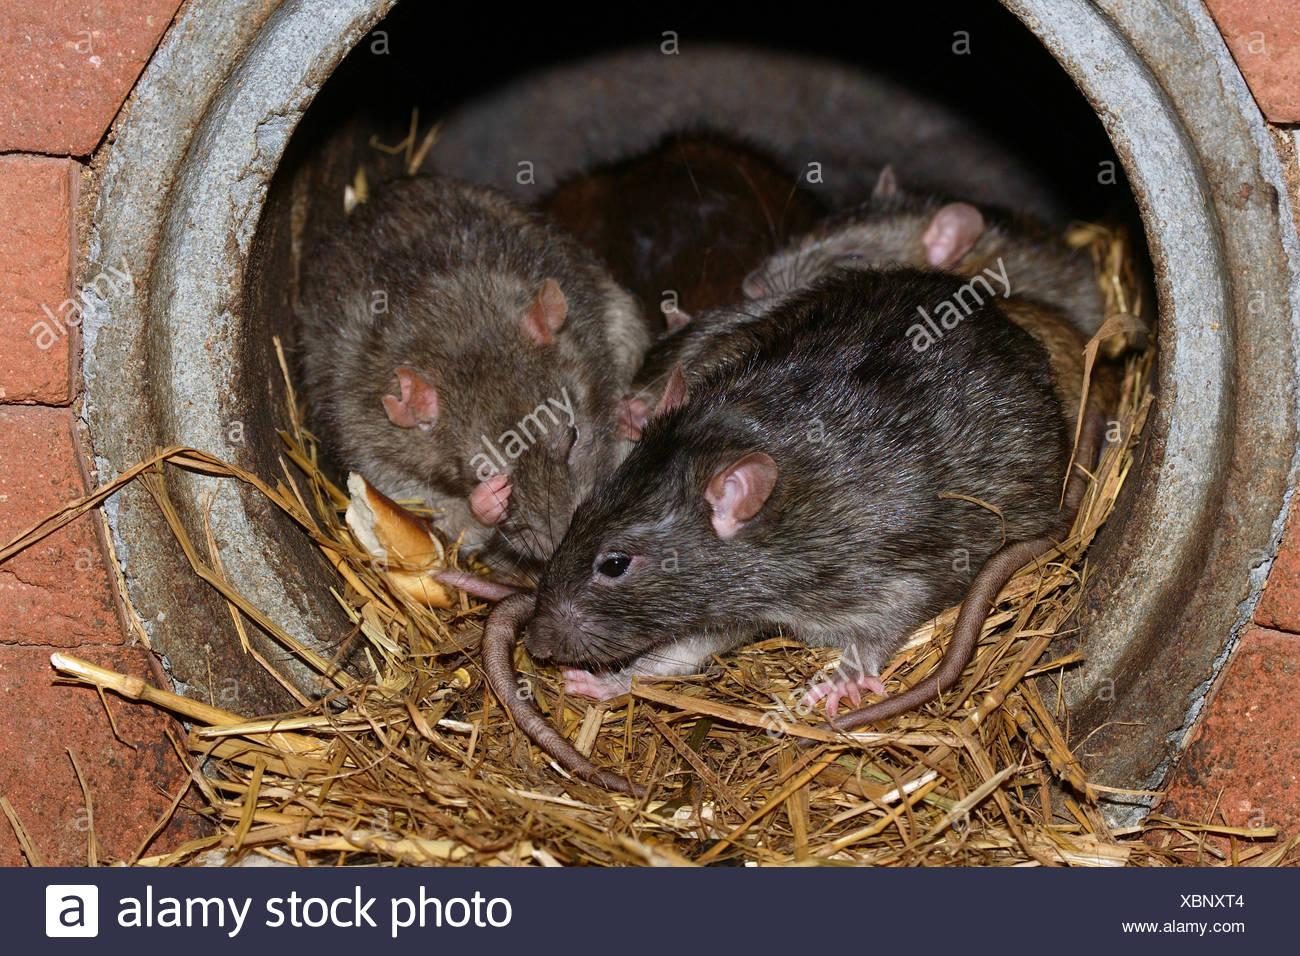 Ausgezeichnet Ratten Die Drähte Essen Bilder - Die Besten ...